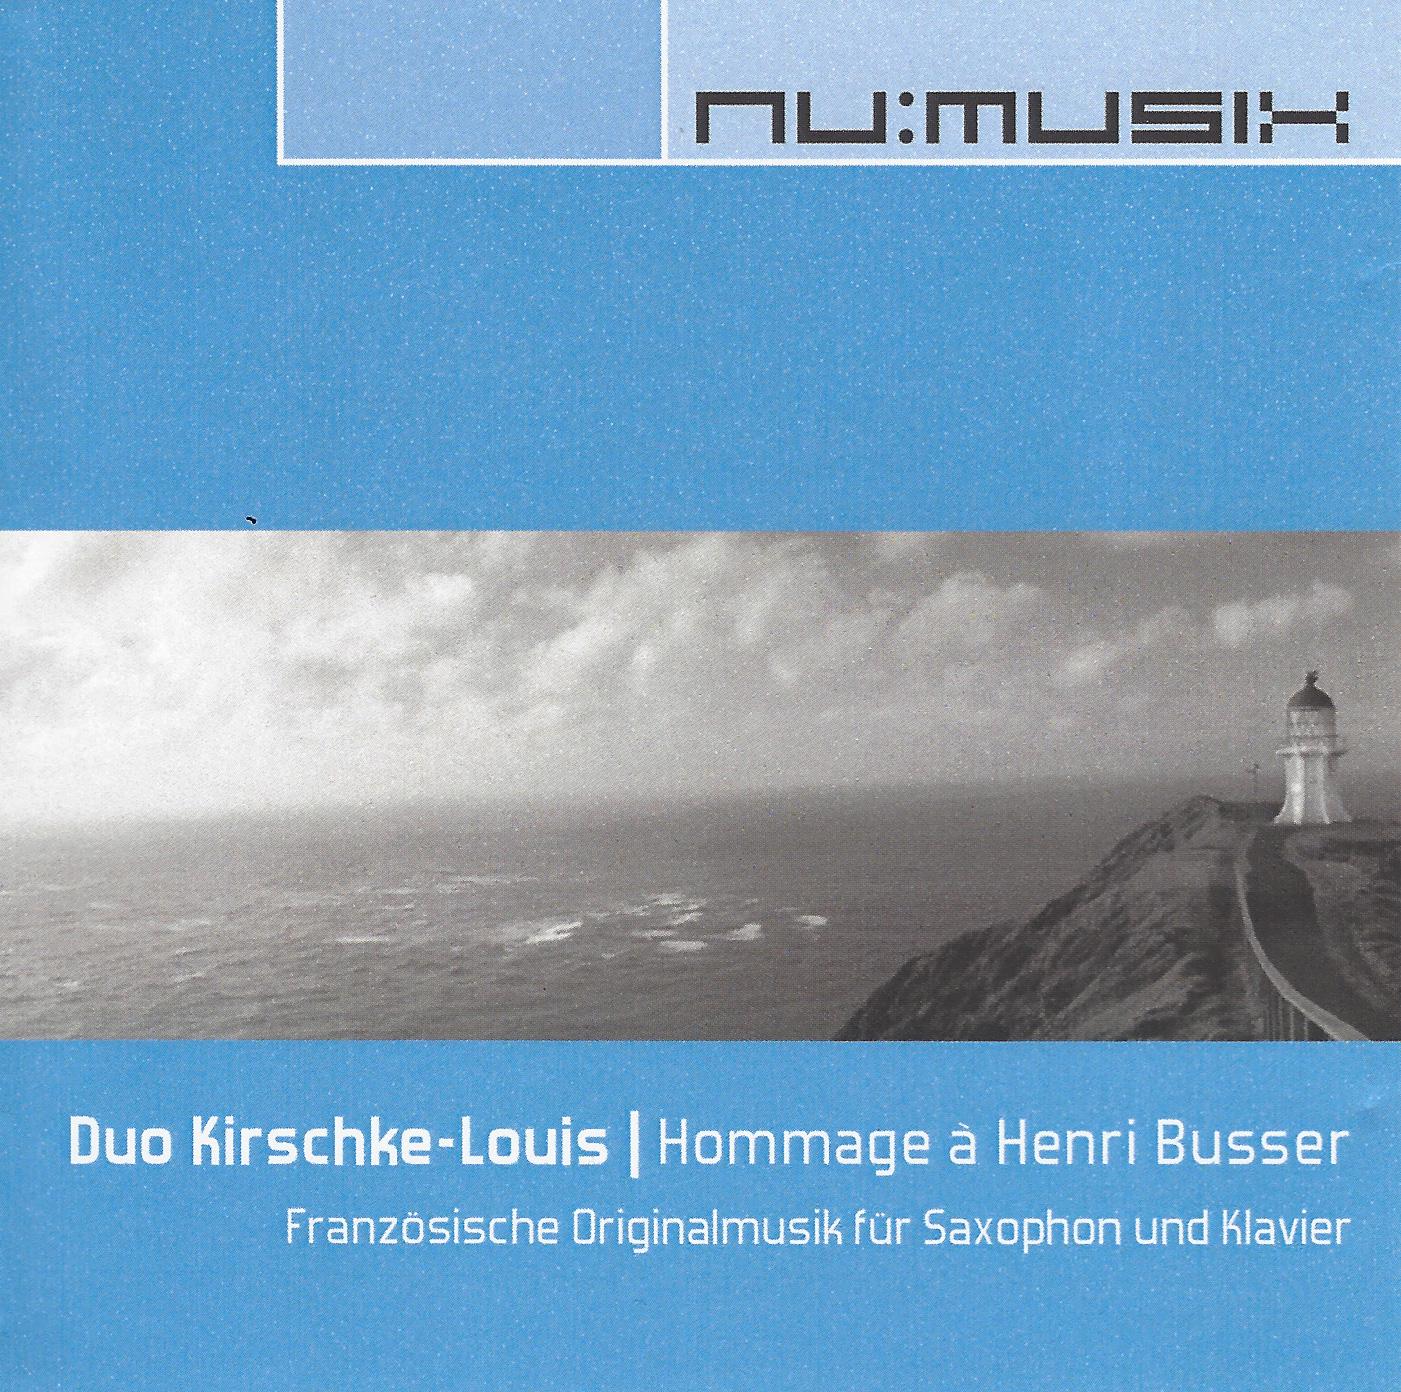 Christoph Kirschke – Saxophon lernen und spielen – Unterricht und Musikstücke – Hommage à Henri Busser